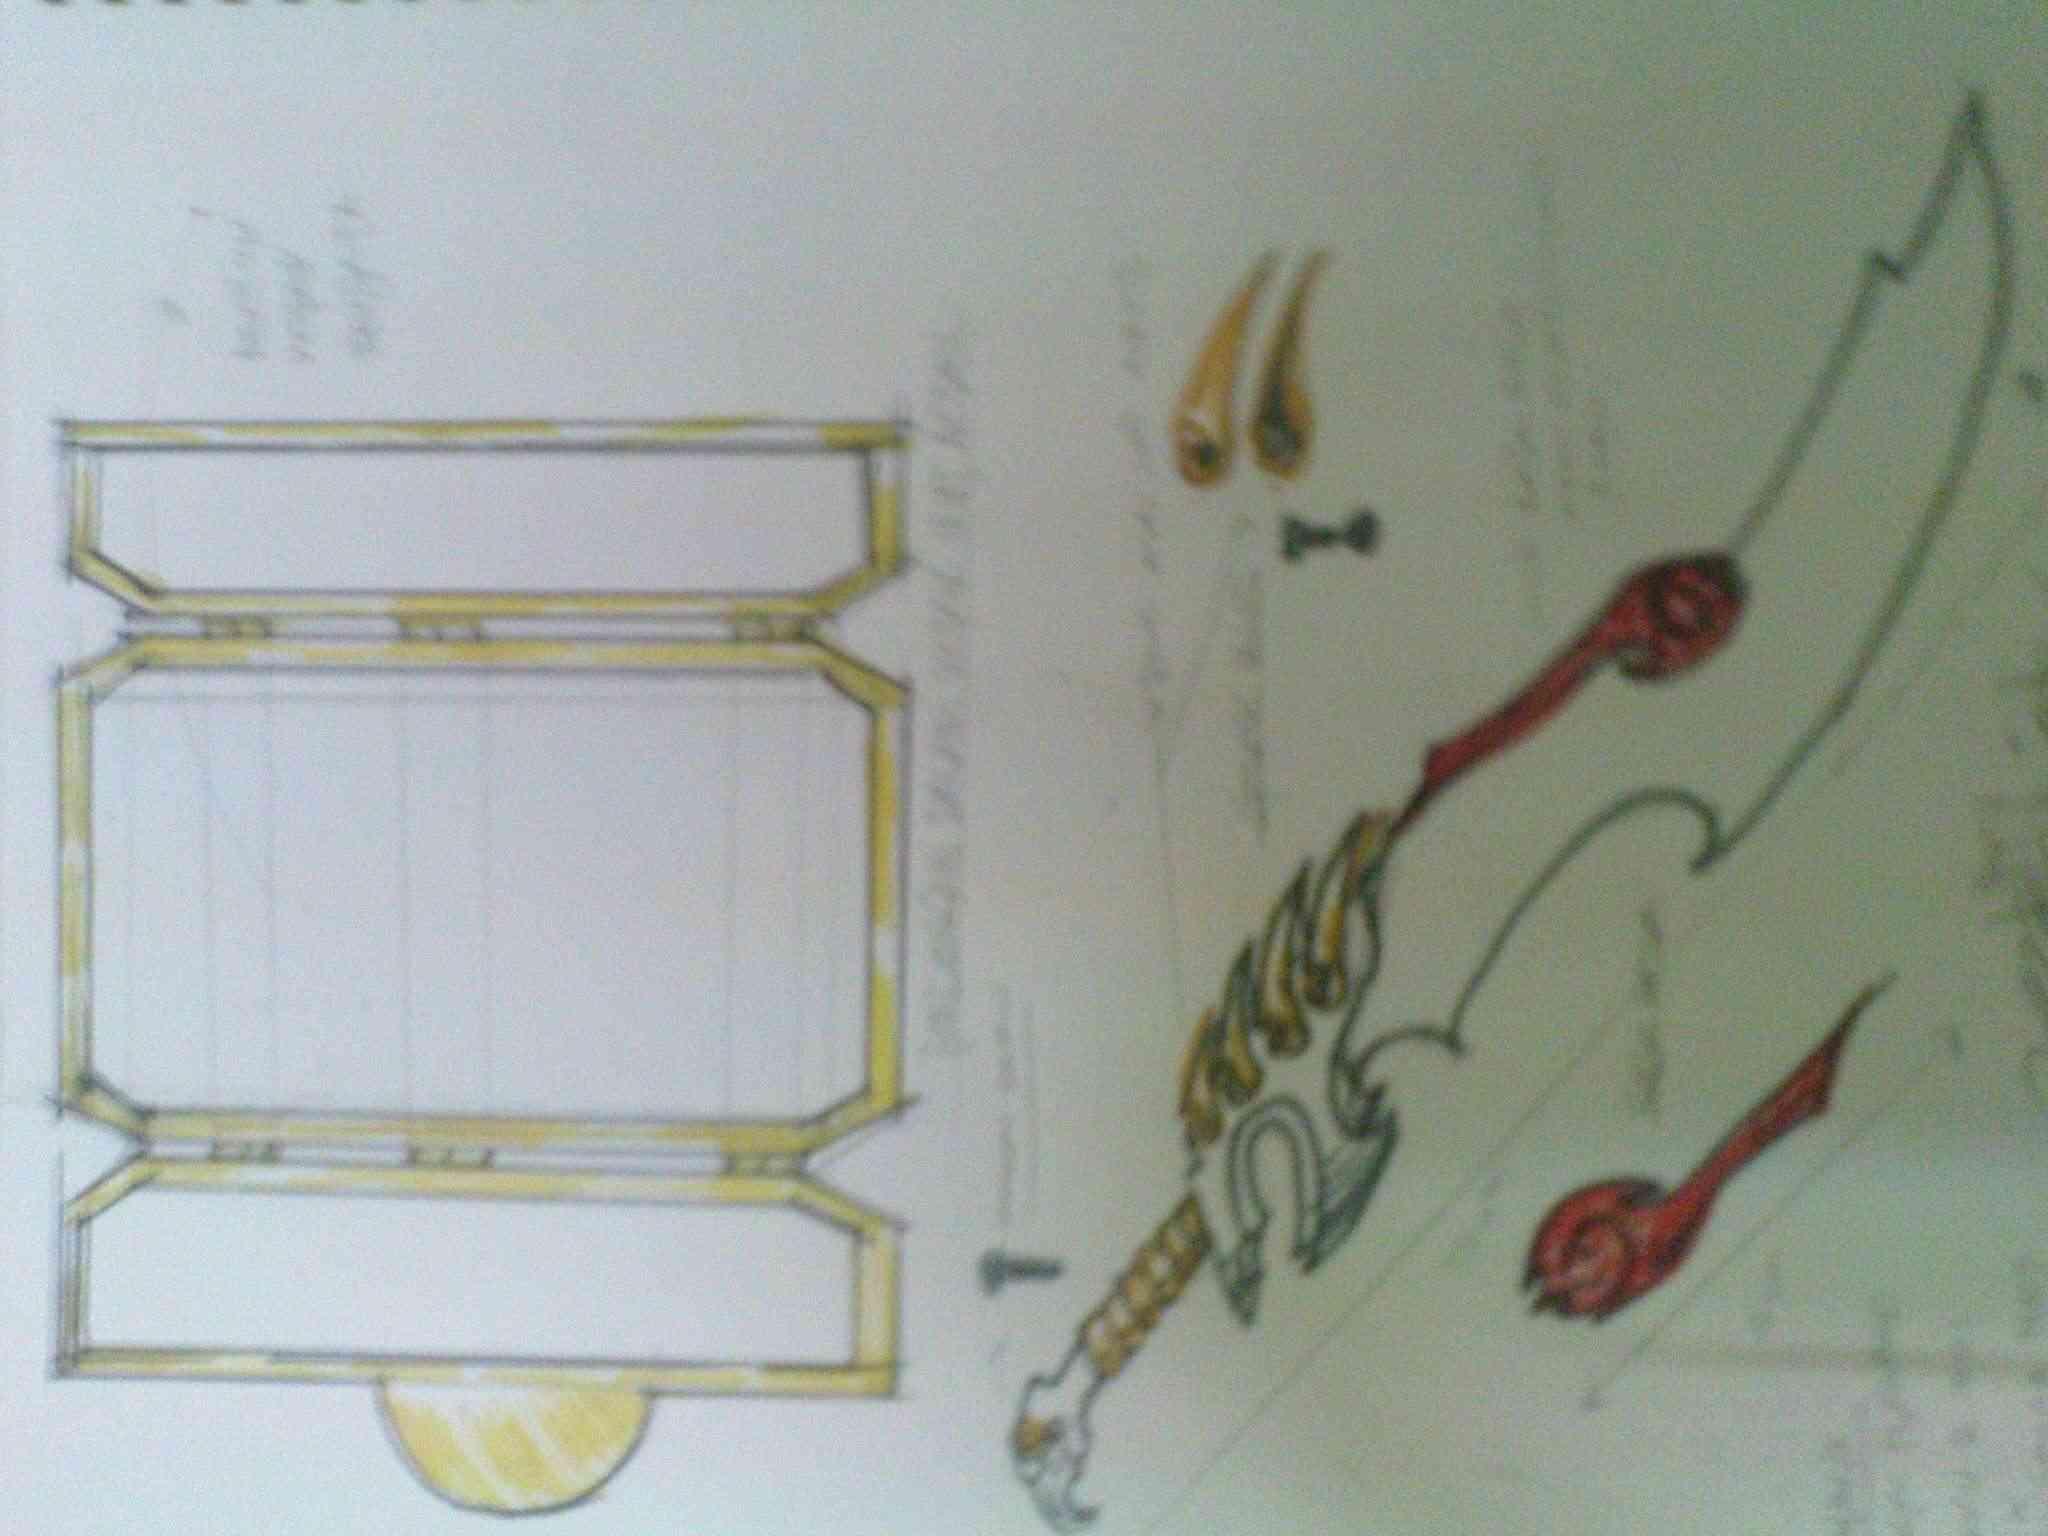 Bincang Toy Pedang Setiawan - Page 3 Dsc00031